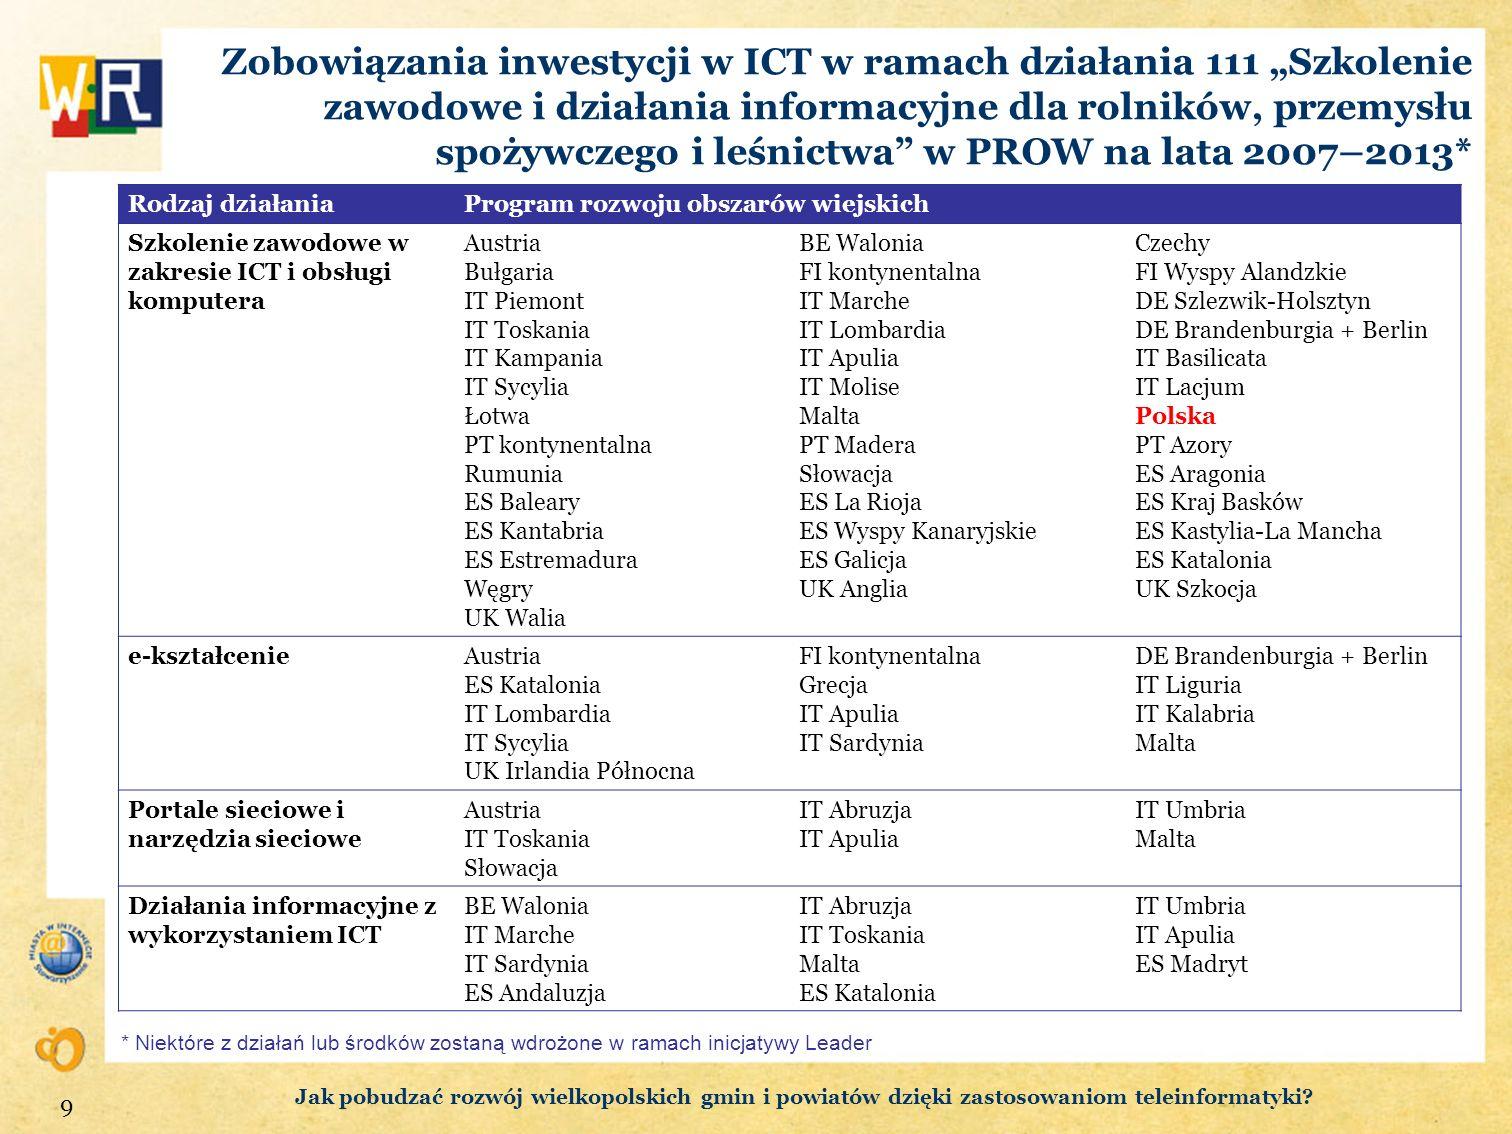 Zobowiązania inwestycji w ICT w ramach działania 111 Szkolenie zawodowe i działania informacyjne dla rolników, przemysłu spożywczego i leśnictwa w PRO